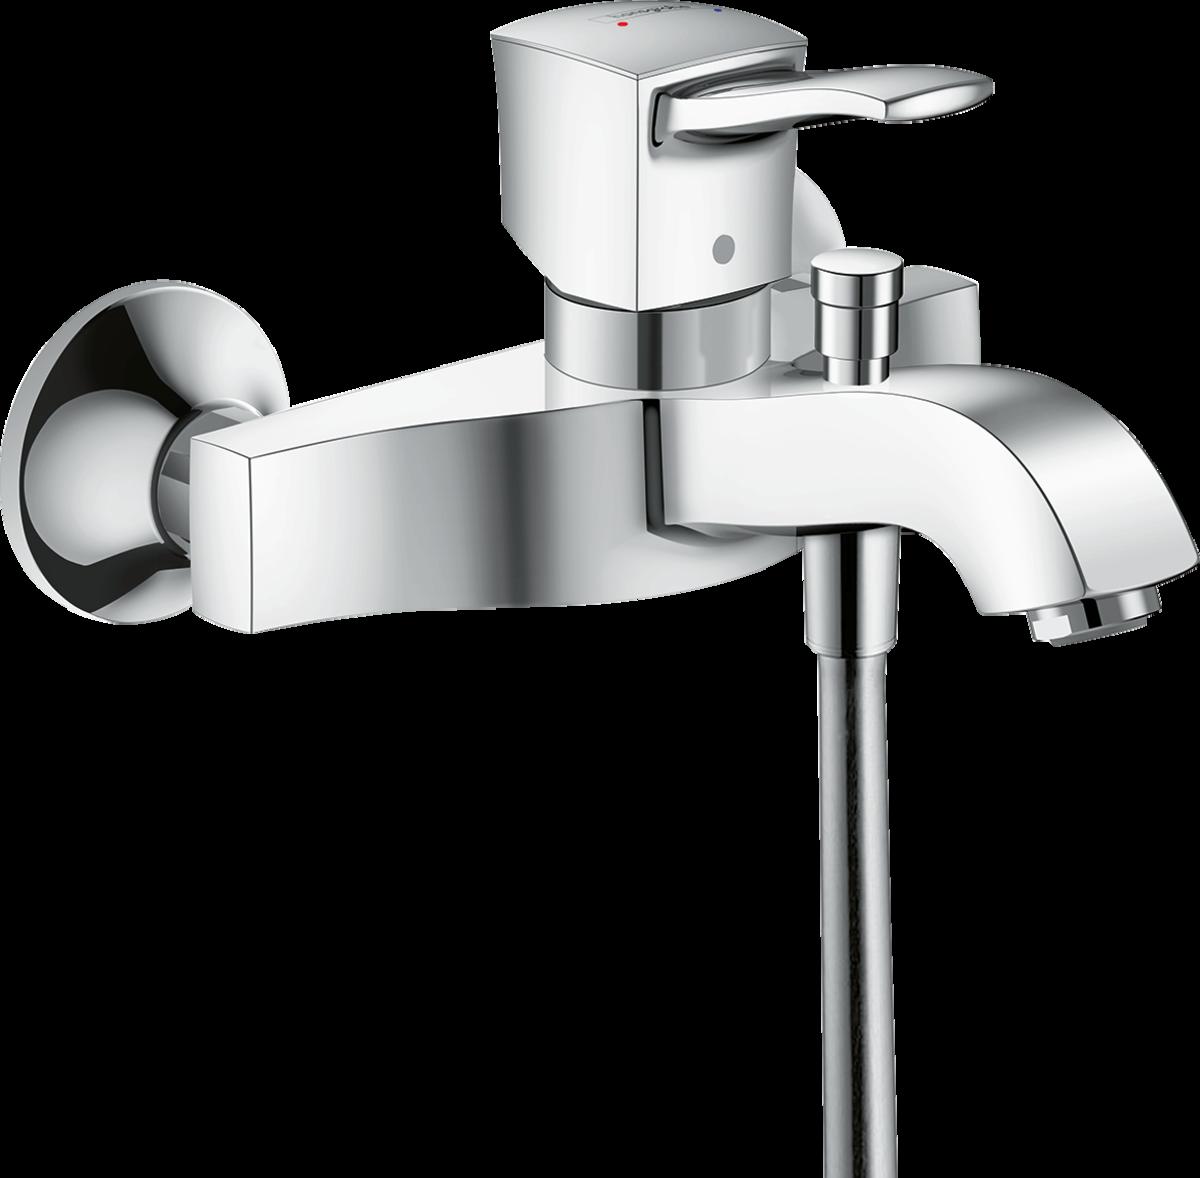 Фото - Смеситель hansgrohe Metropol Classic для ванны 31340000 смеситель для ванны hansgrohe metropol classic 31340090